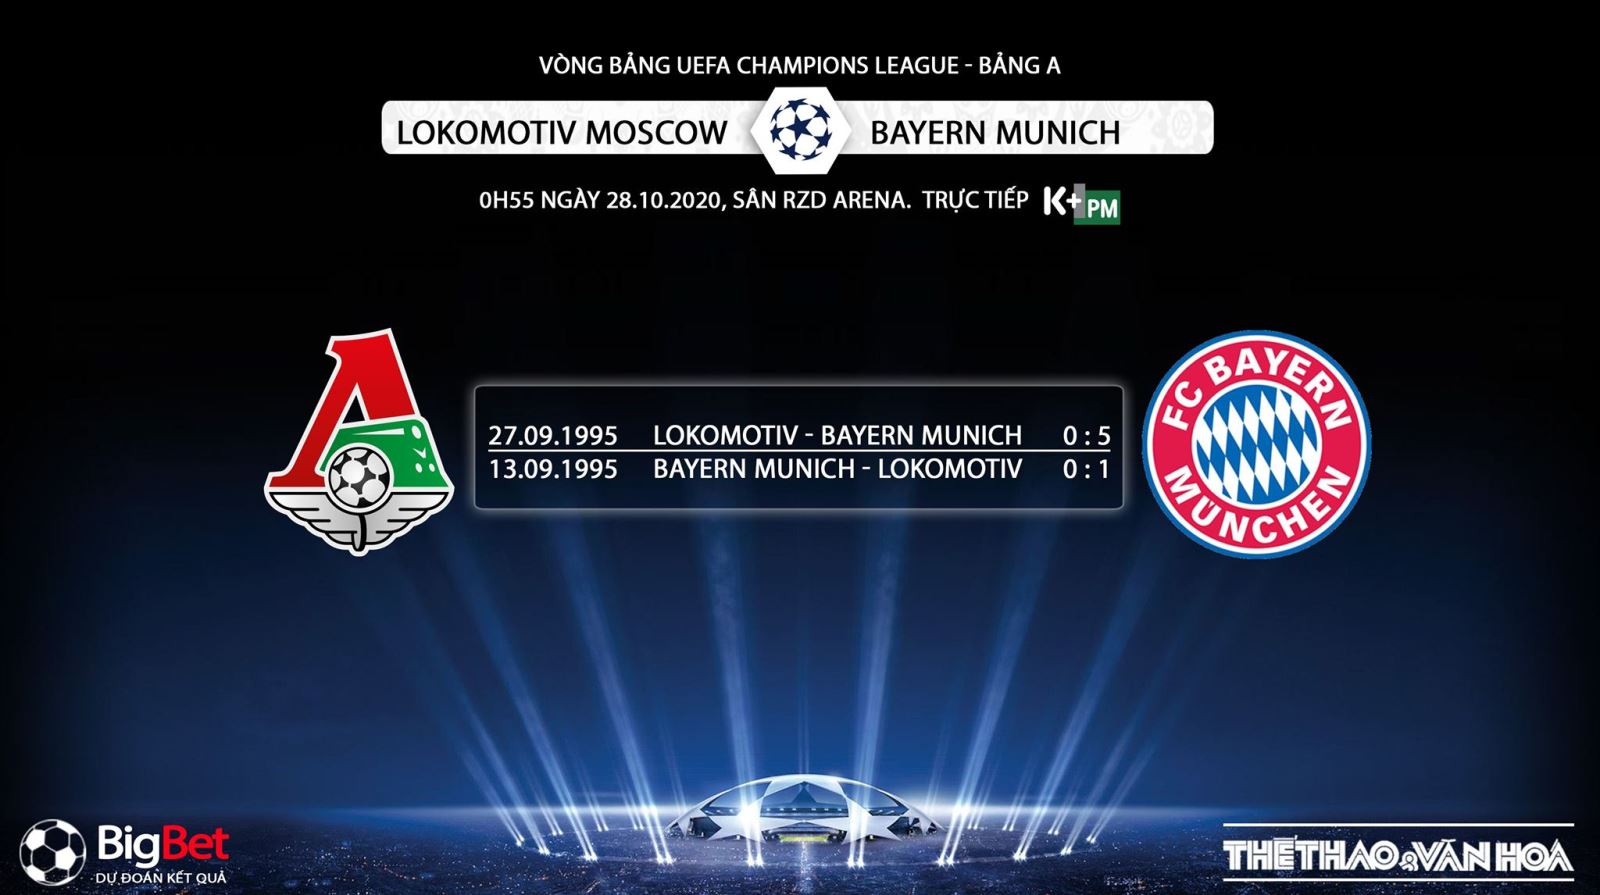 Keo nha cai, kèo nhà cái, Lokomotiv vs Bayern Munich, Trực tiếp bóng đá Cúp C1 châu Âu, K+PM, trực tiếp bóng đá Bayern Munich đấu với Lokomotiv, kèo bóng đá, kèo Bayern